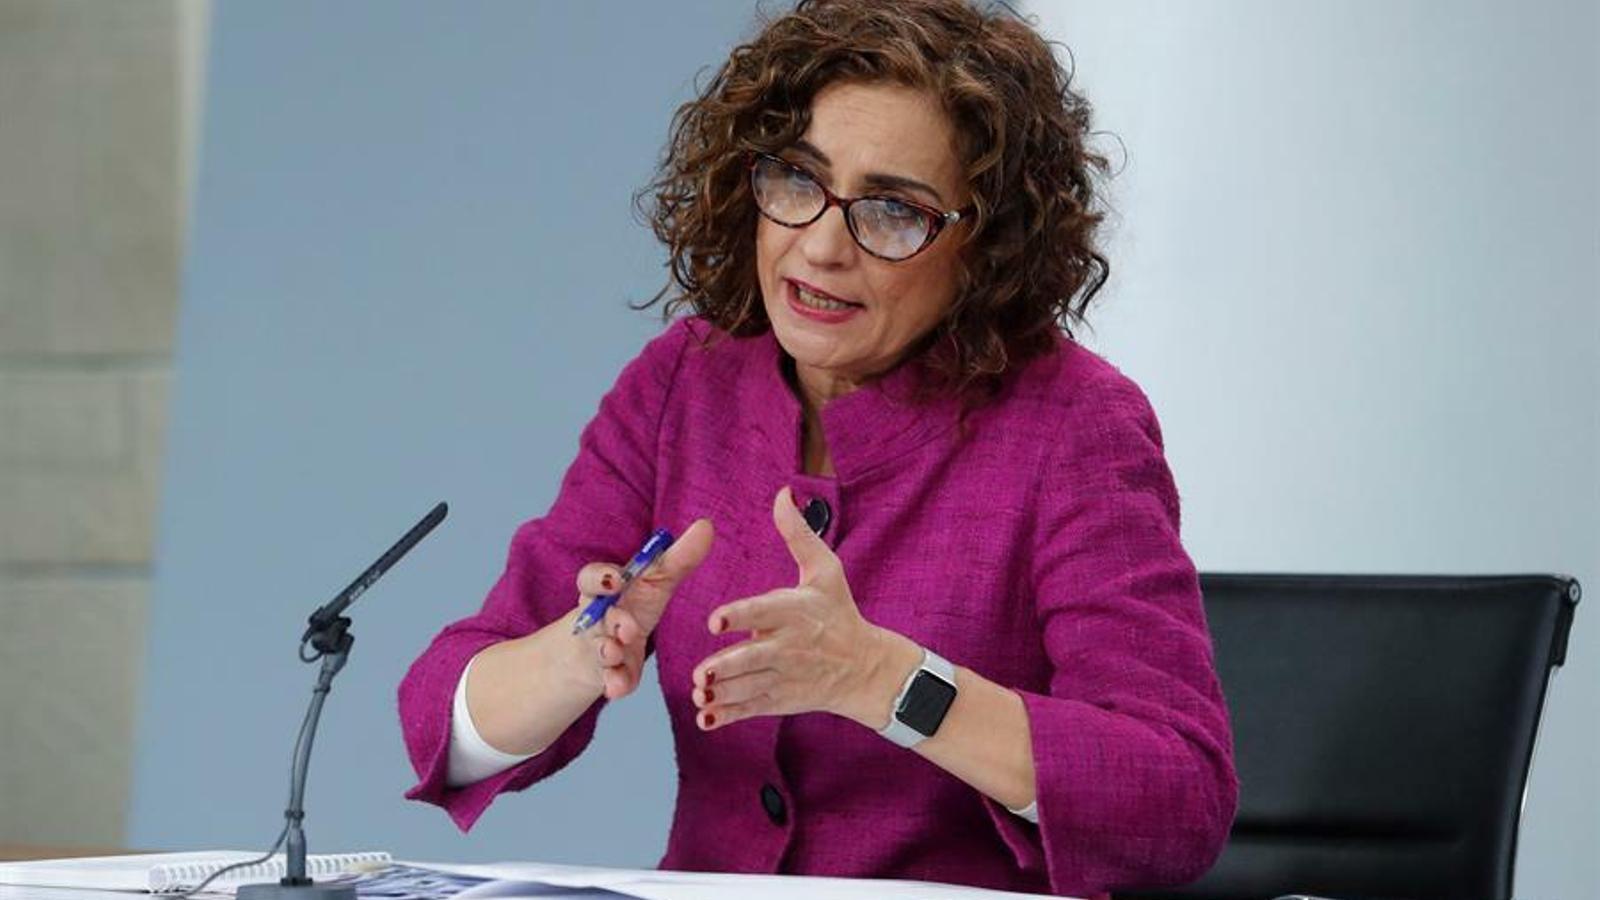 La ministra d'Hisenda i portaveu del govern espanyol, Maria Jesús Montero, en la roda de premsa posterior al Consell de Ministres d'aquest dimarts